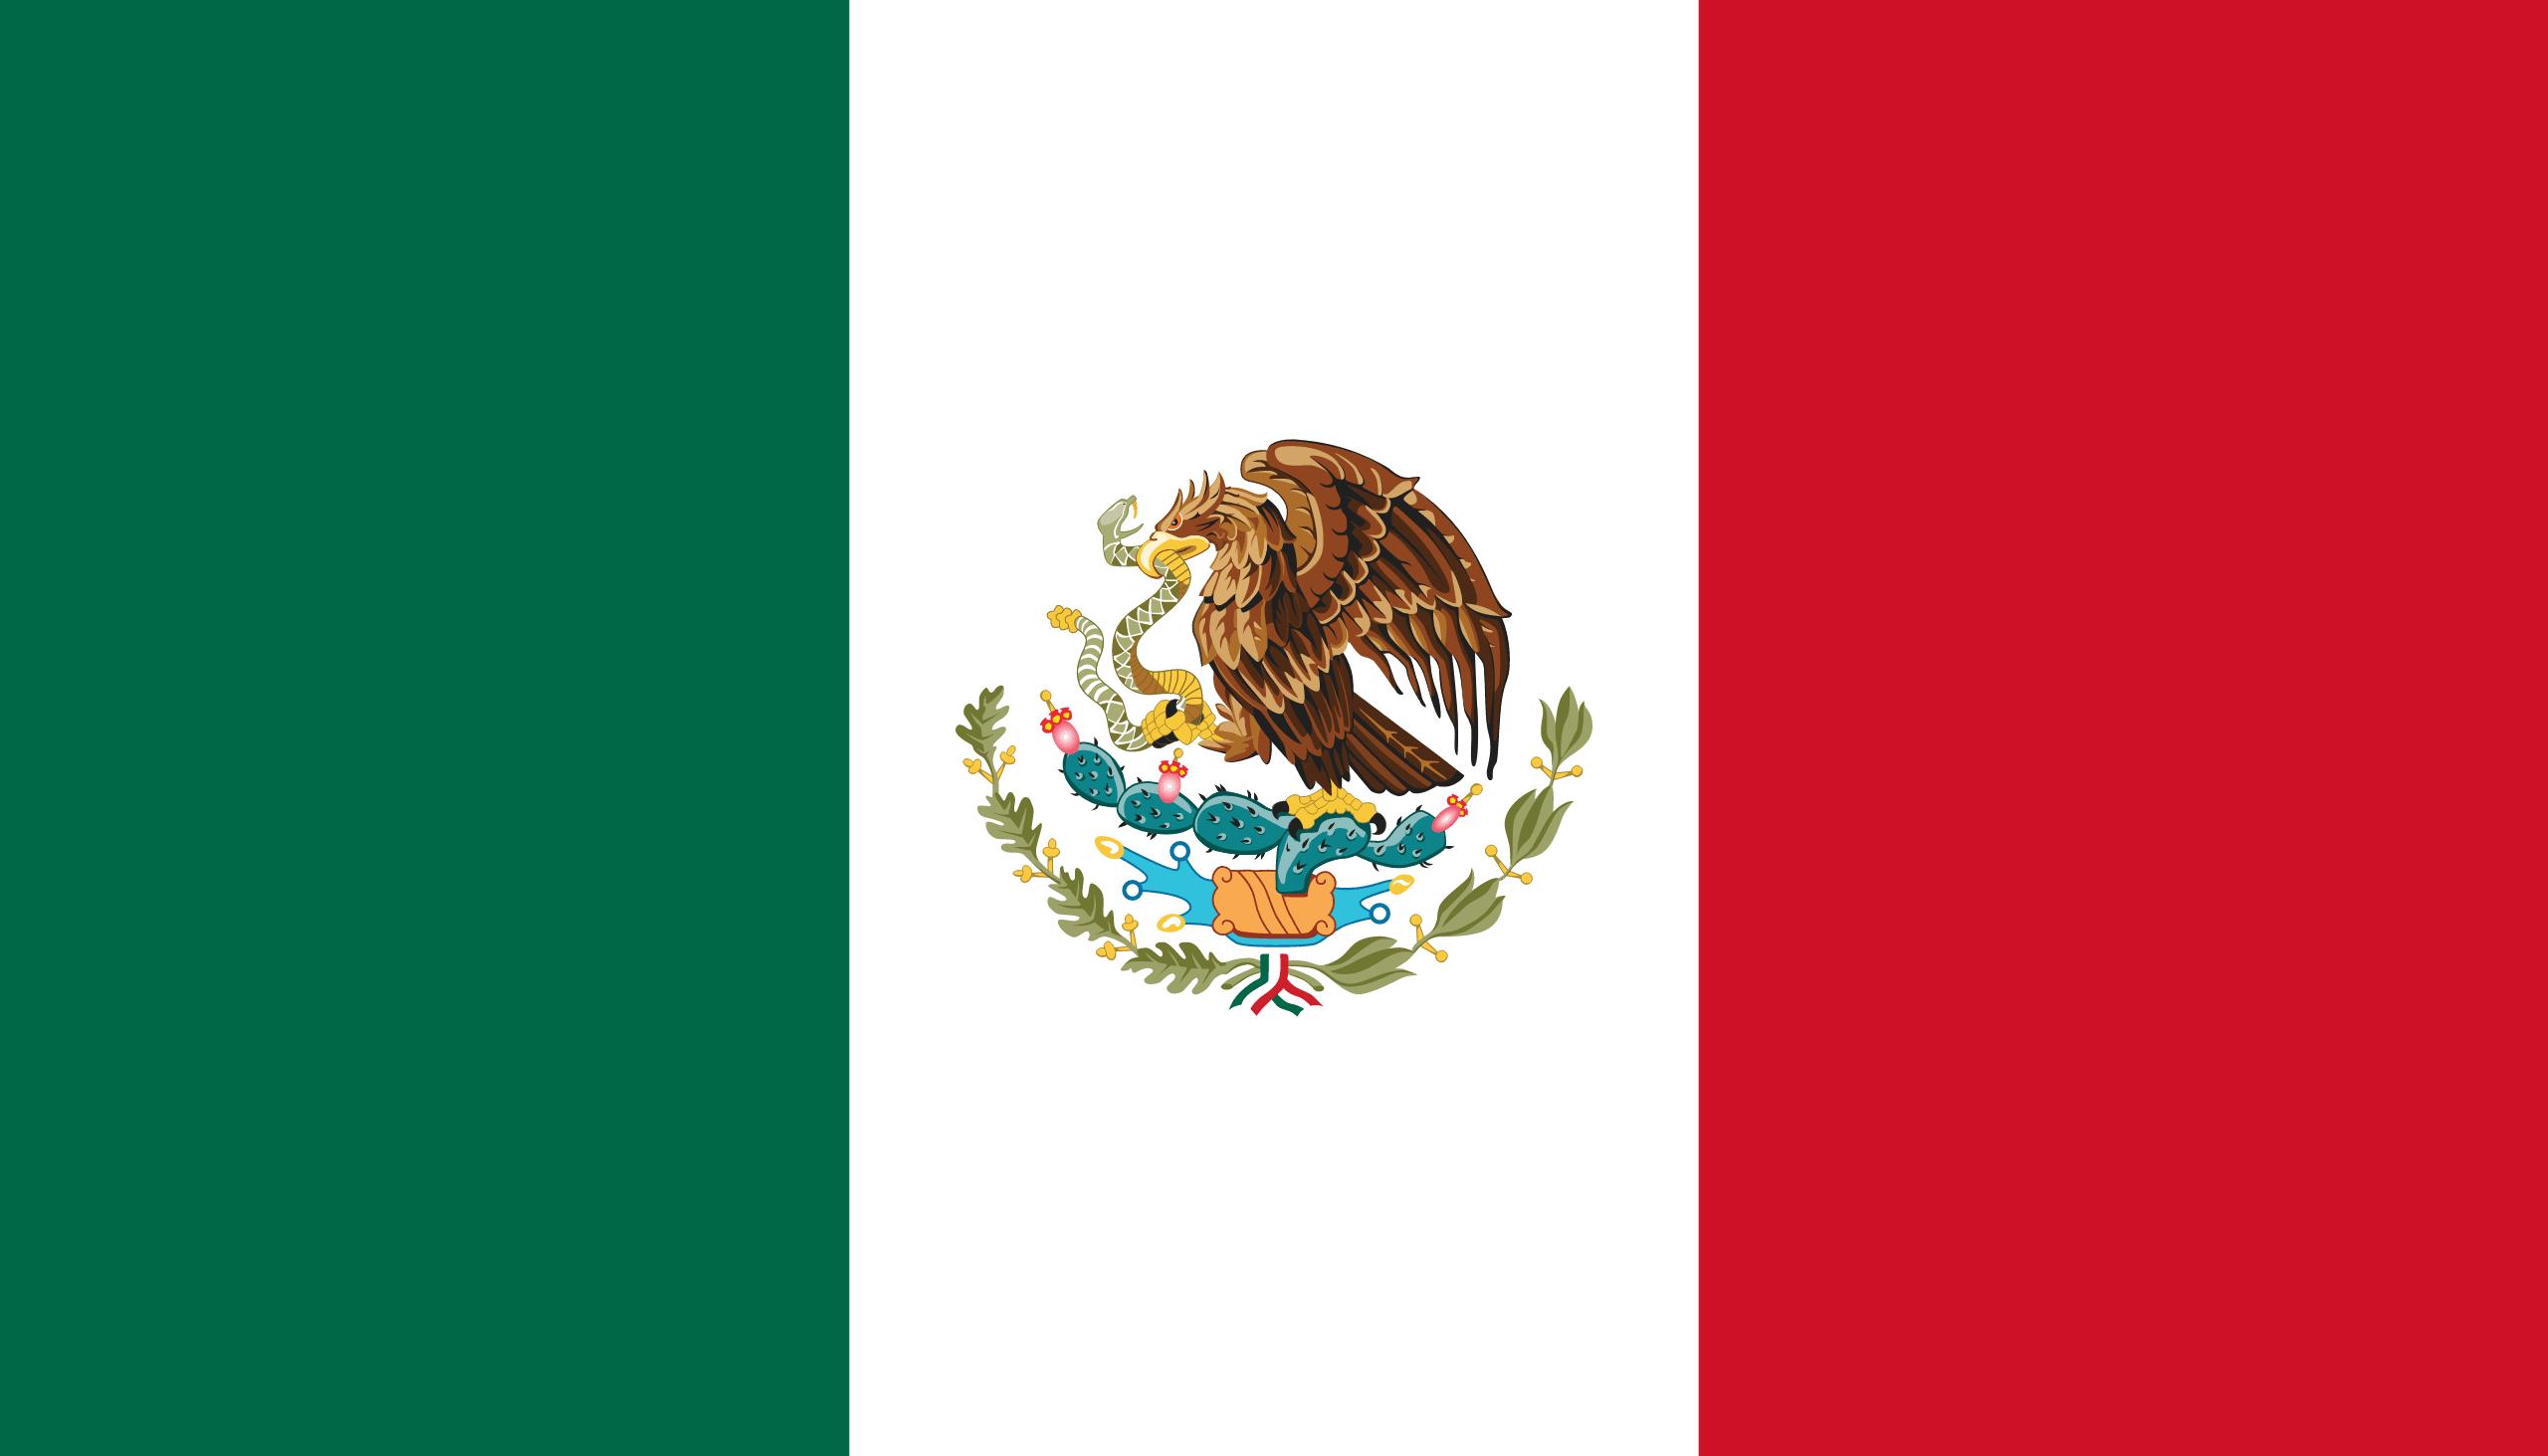 Meksika'nın Başkenti ve Para Birimi Nedir? Meksika'nın Bayrağı Nasıldır?